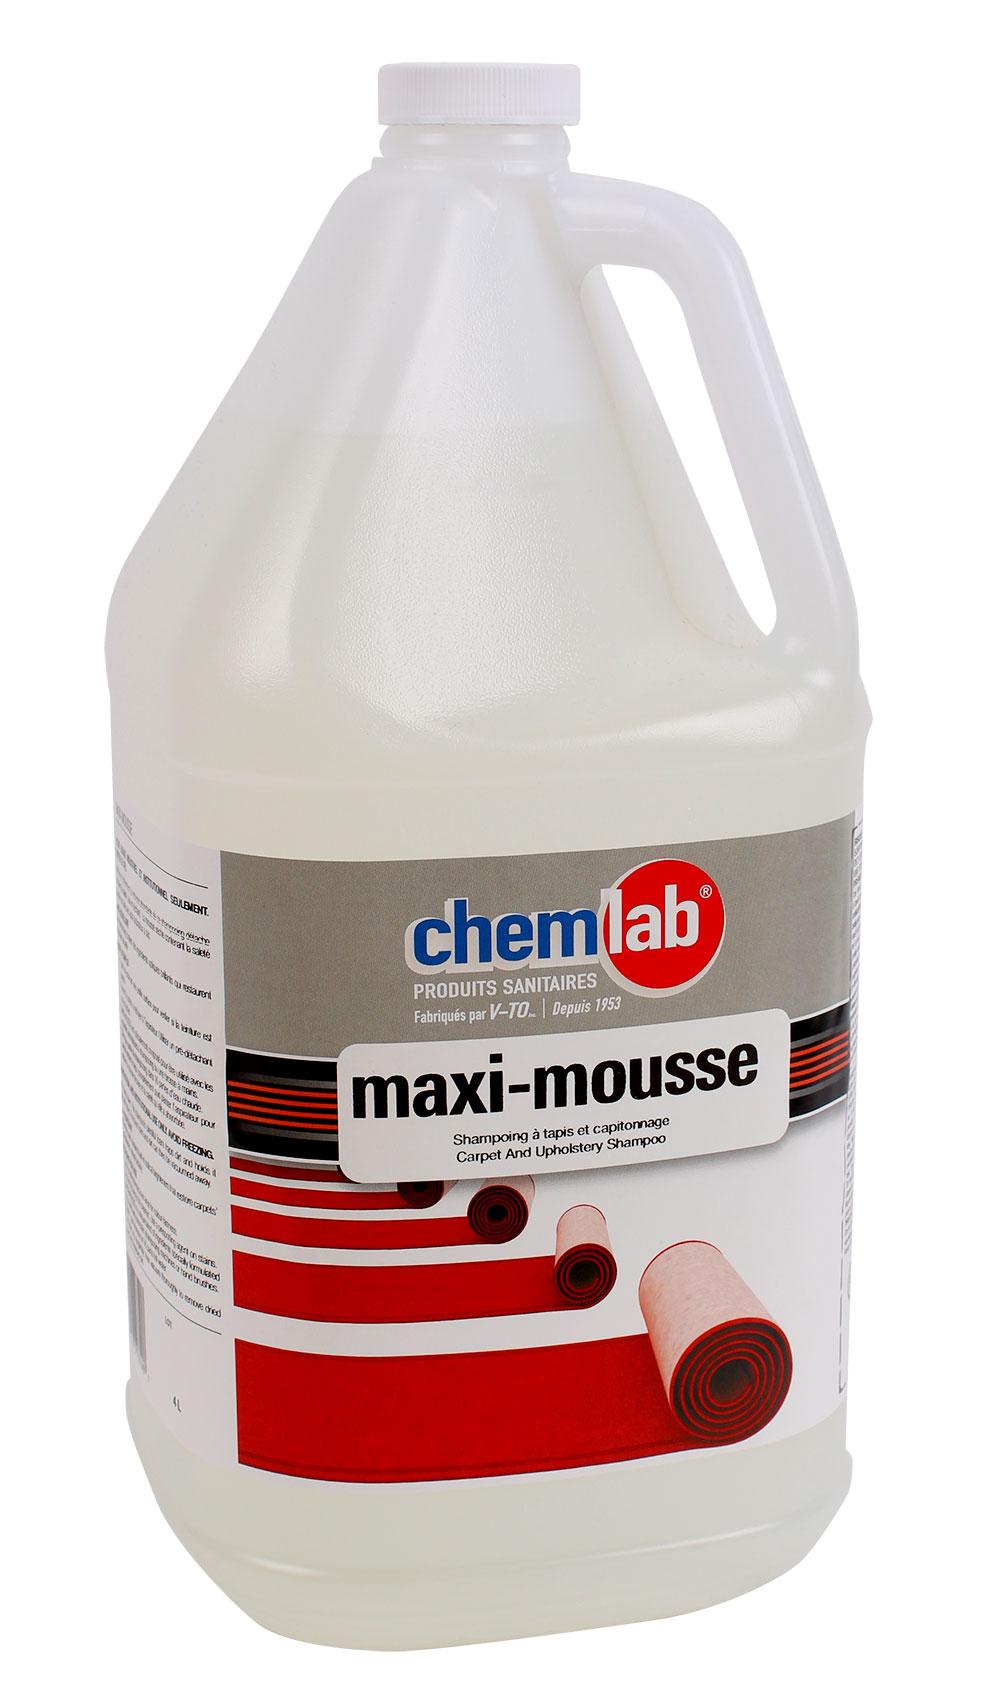 Maxi-mousse – Shampoing pour tapis